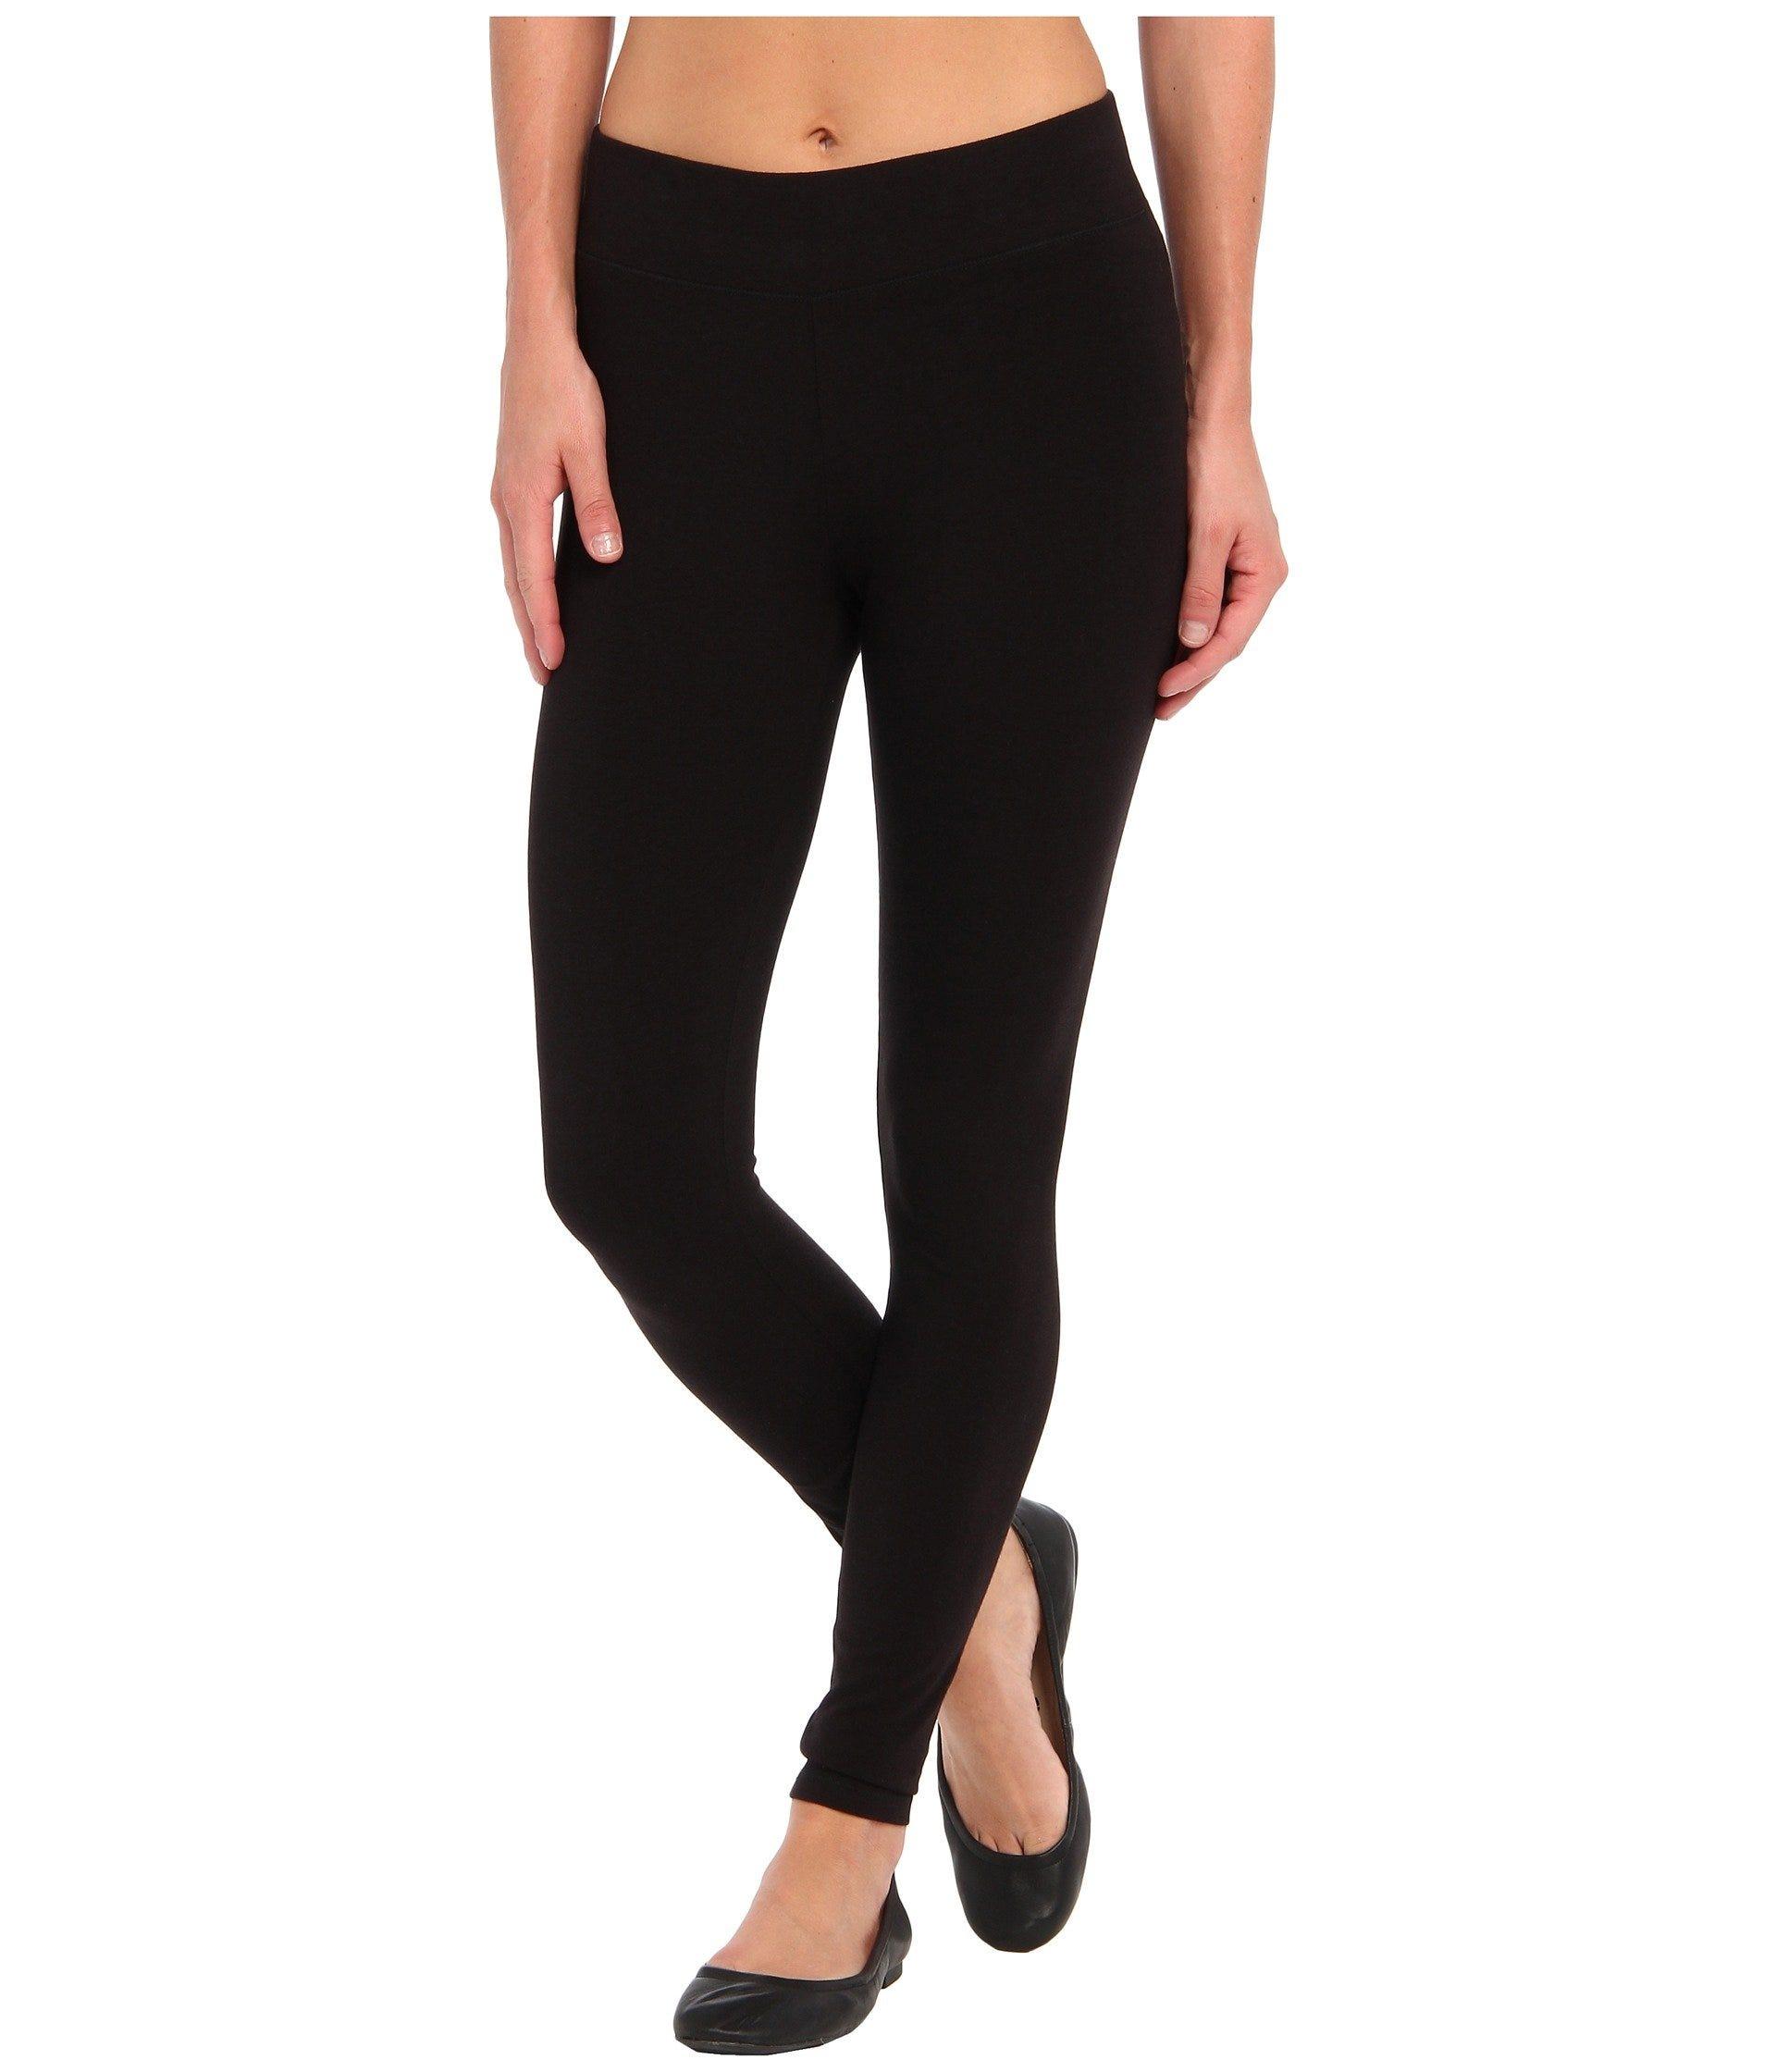 324566033fb Best Black Leggings - Reviews On Top Brands   Styles